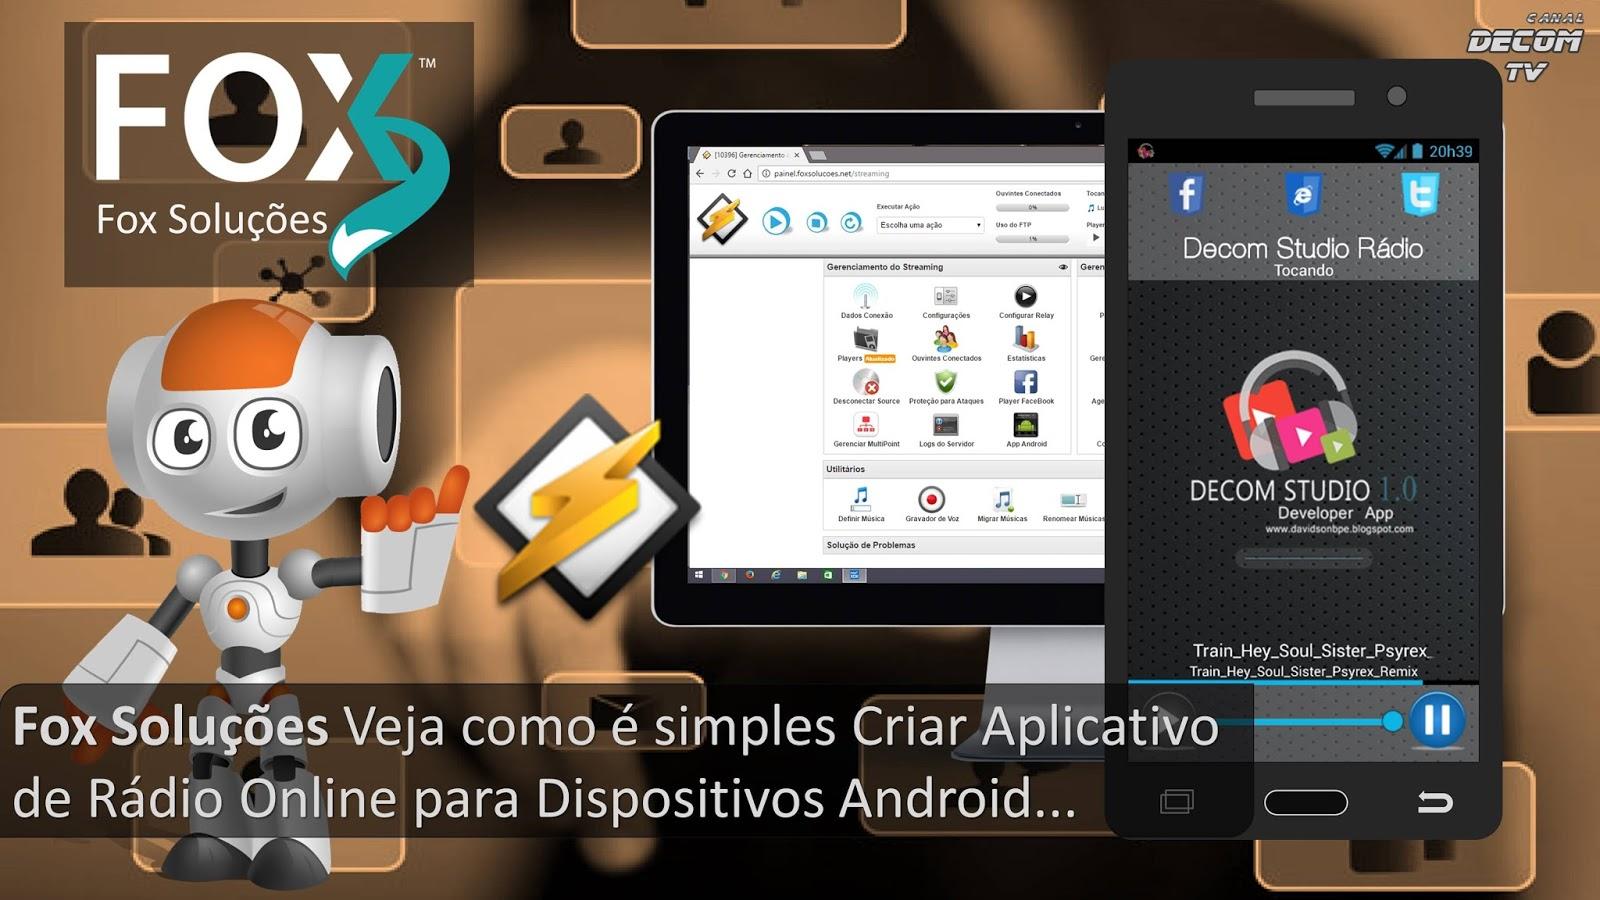 Fox solues veja como simples criar aplicativo de rdio online fox solues veja como simples criar aplicativo de rdio online para dispositivos android stopboris Gallery